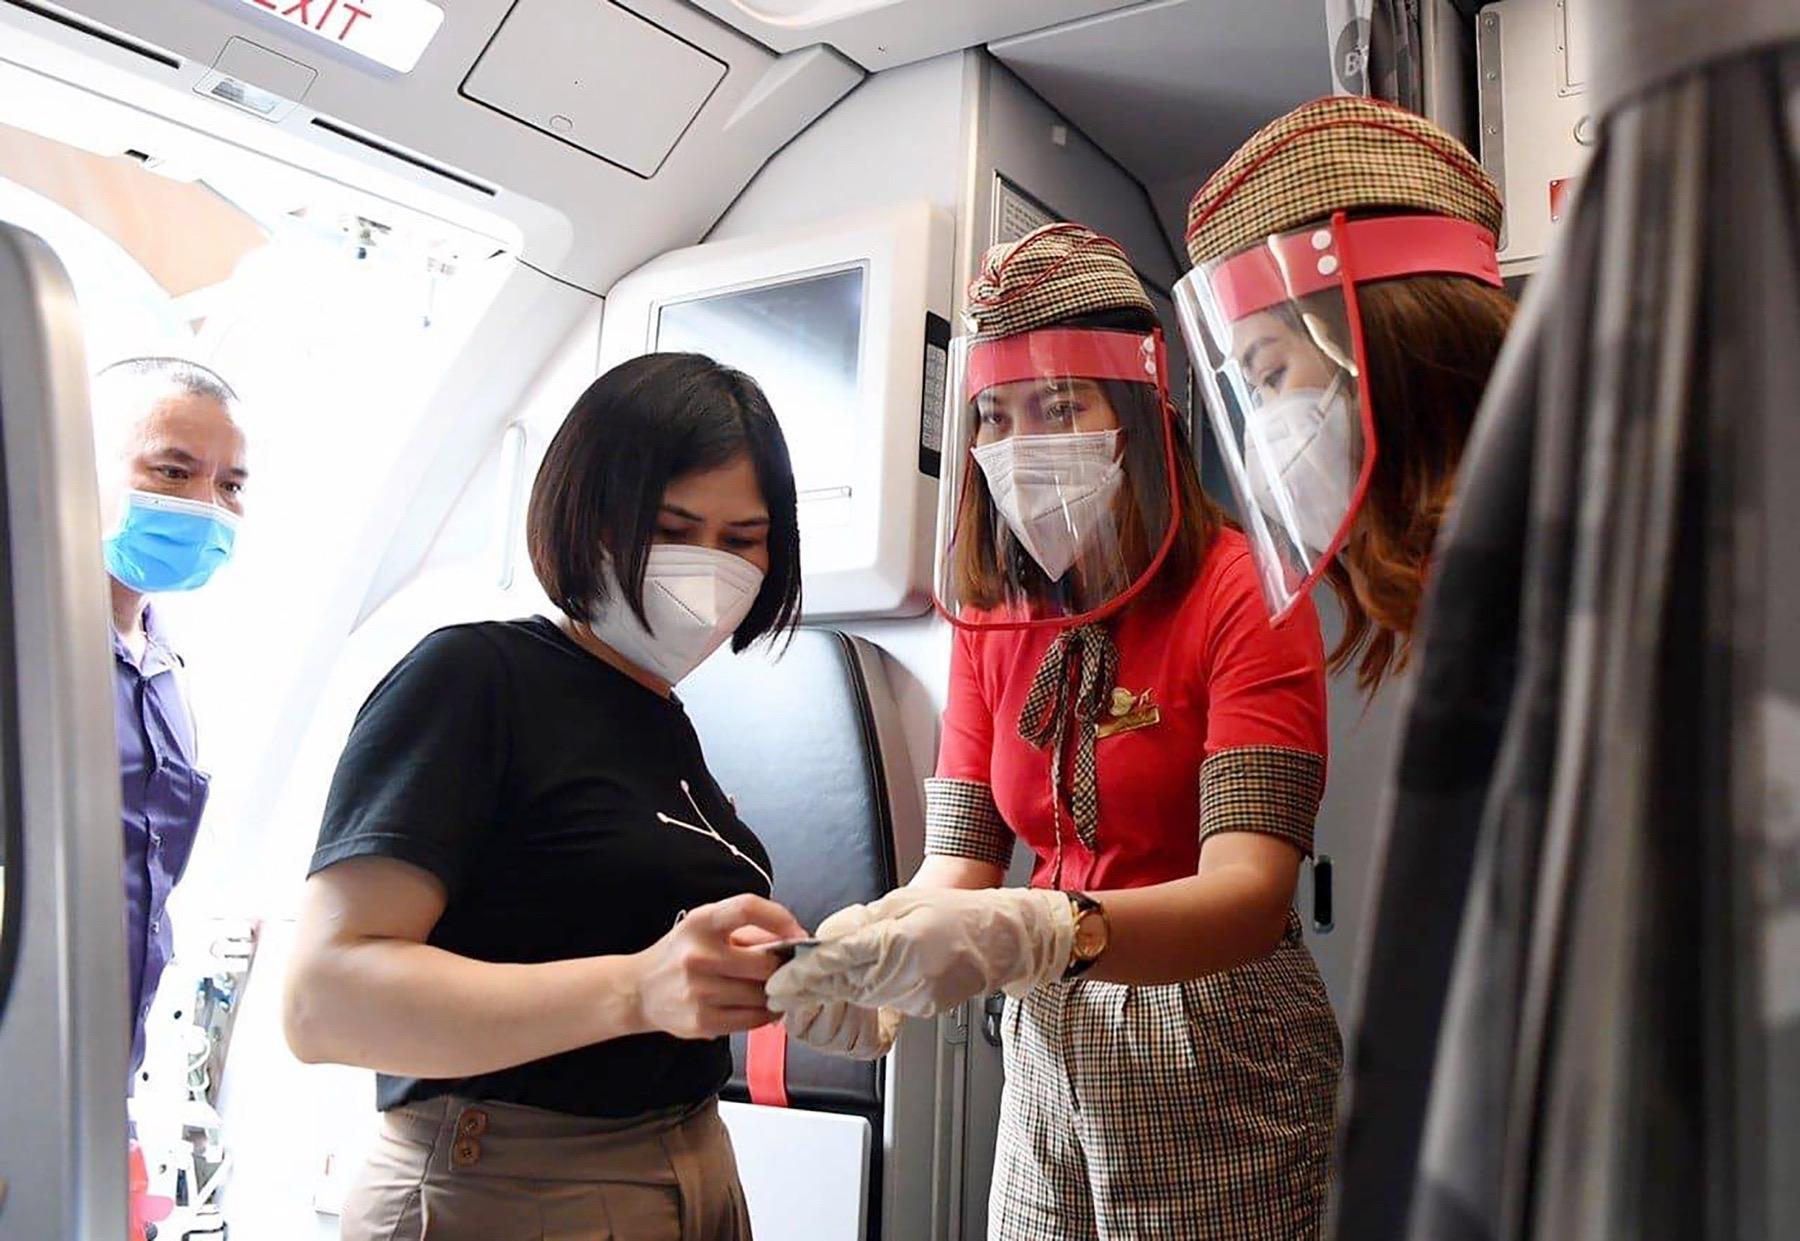 Hãng hàng không thế hệ mới Vietjet luôn đồng hành cùng Chính phủ và người dân trong công cuộc phòng chống dịch Covid - 19